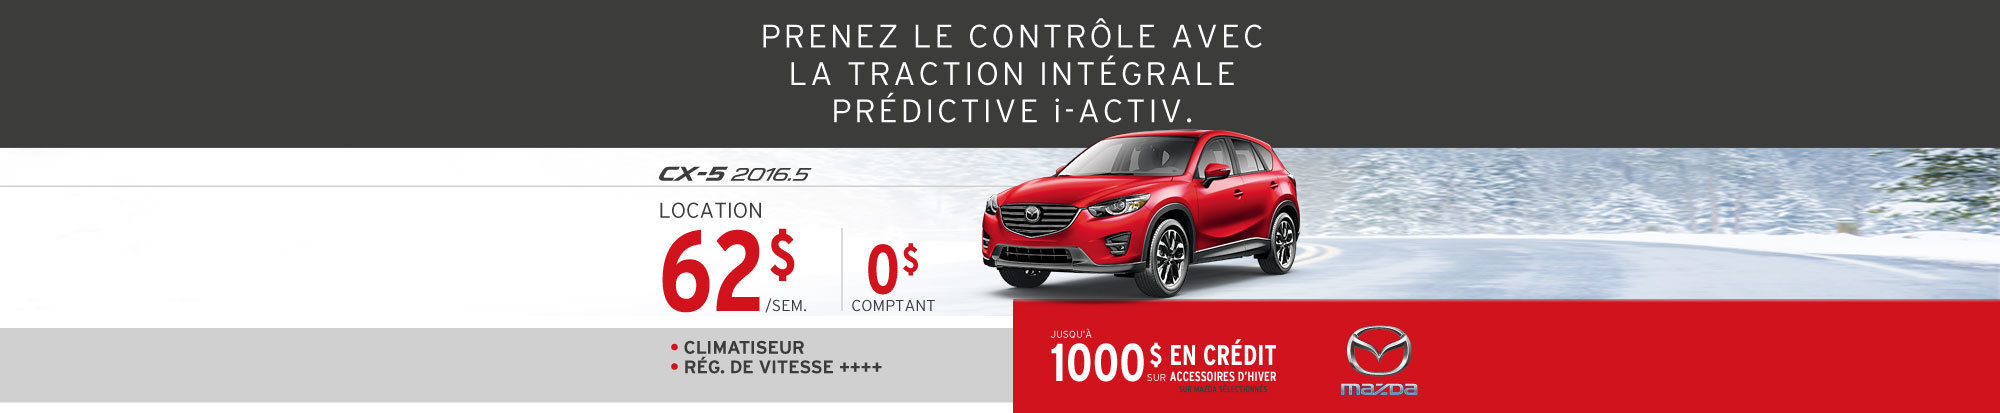 Louez le Mazda CX-5 2016.5